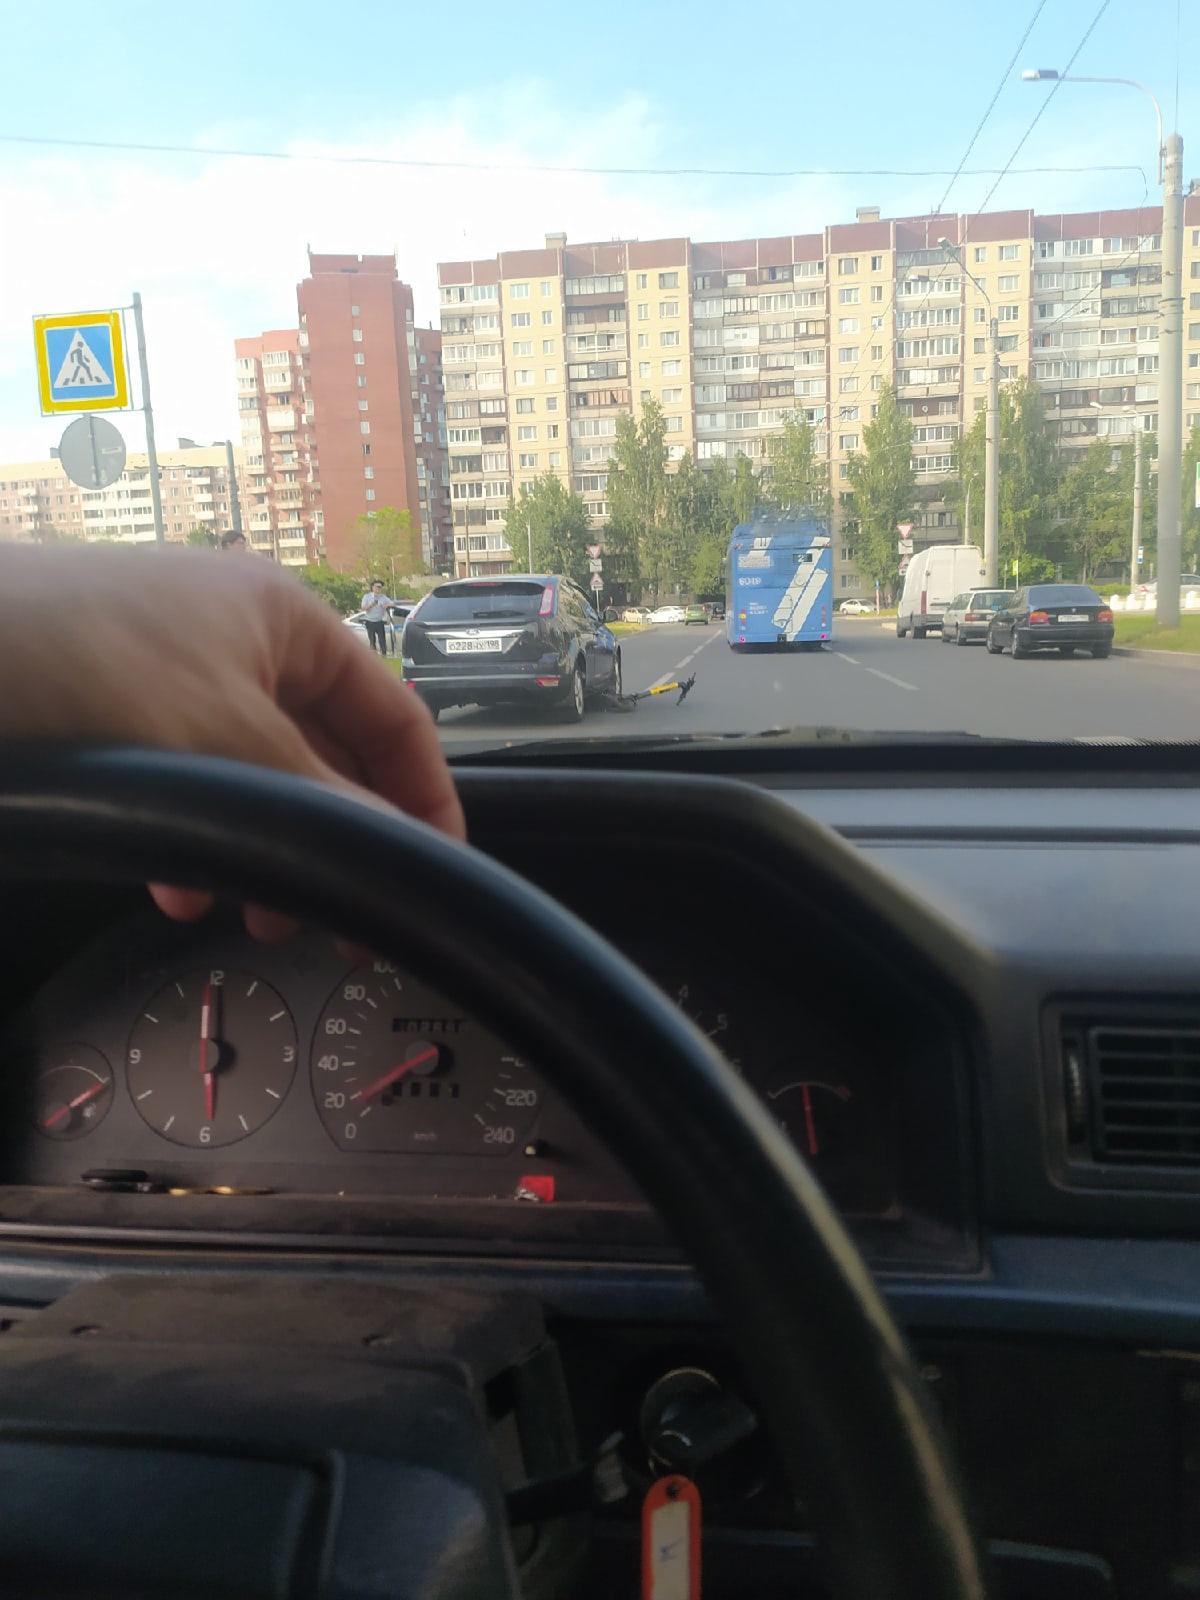 Форд сбил женщину с ребёнком на электросамокате в Петербурге